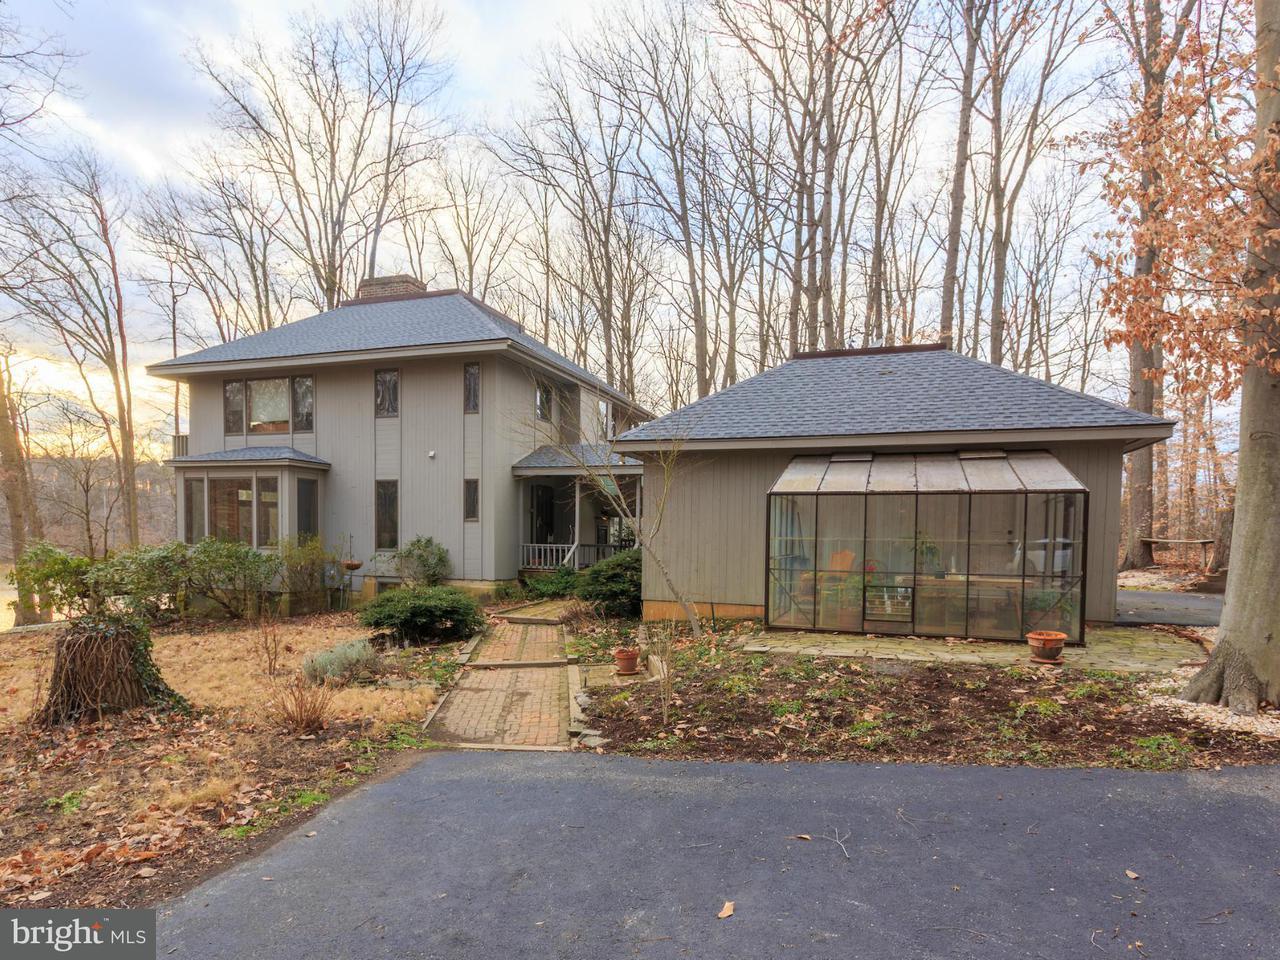 独户住宅 为 销售 在 12402 Clark Road 12402 Clark Road Worton, 马里兰州 21678 美国